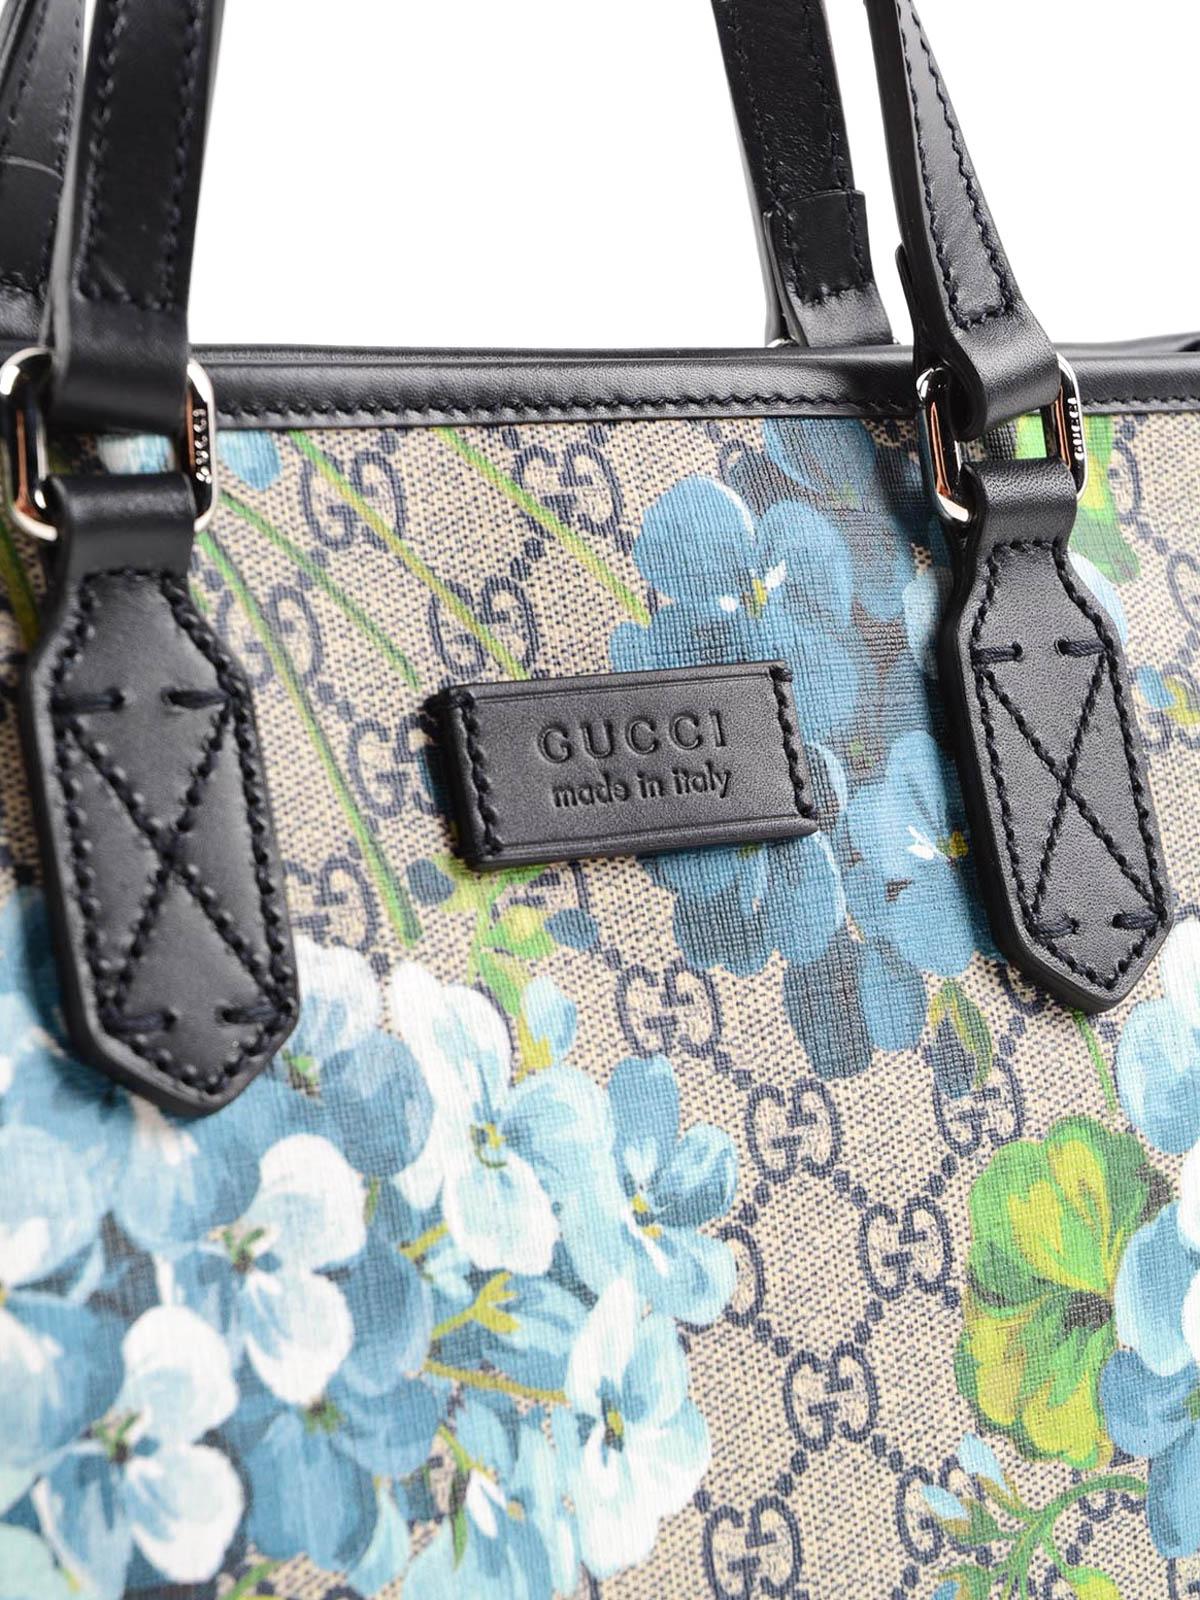 12bf42039b543 Gucci - Handtasche Gg Bloom - Schwarz - Handtaschen - 429019 KU2HN 8499